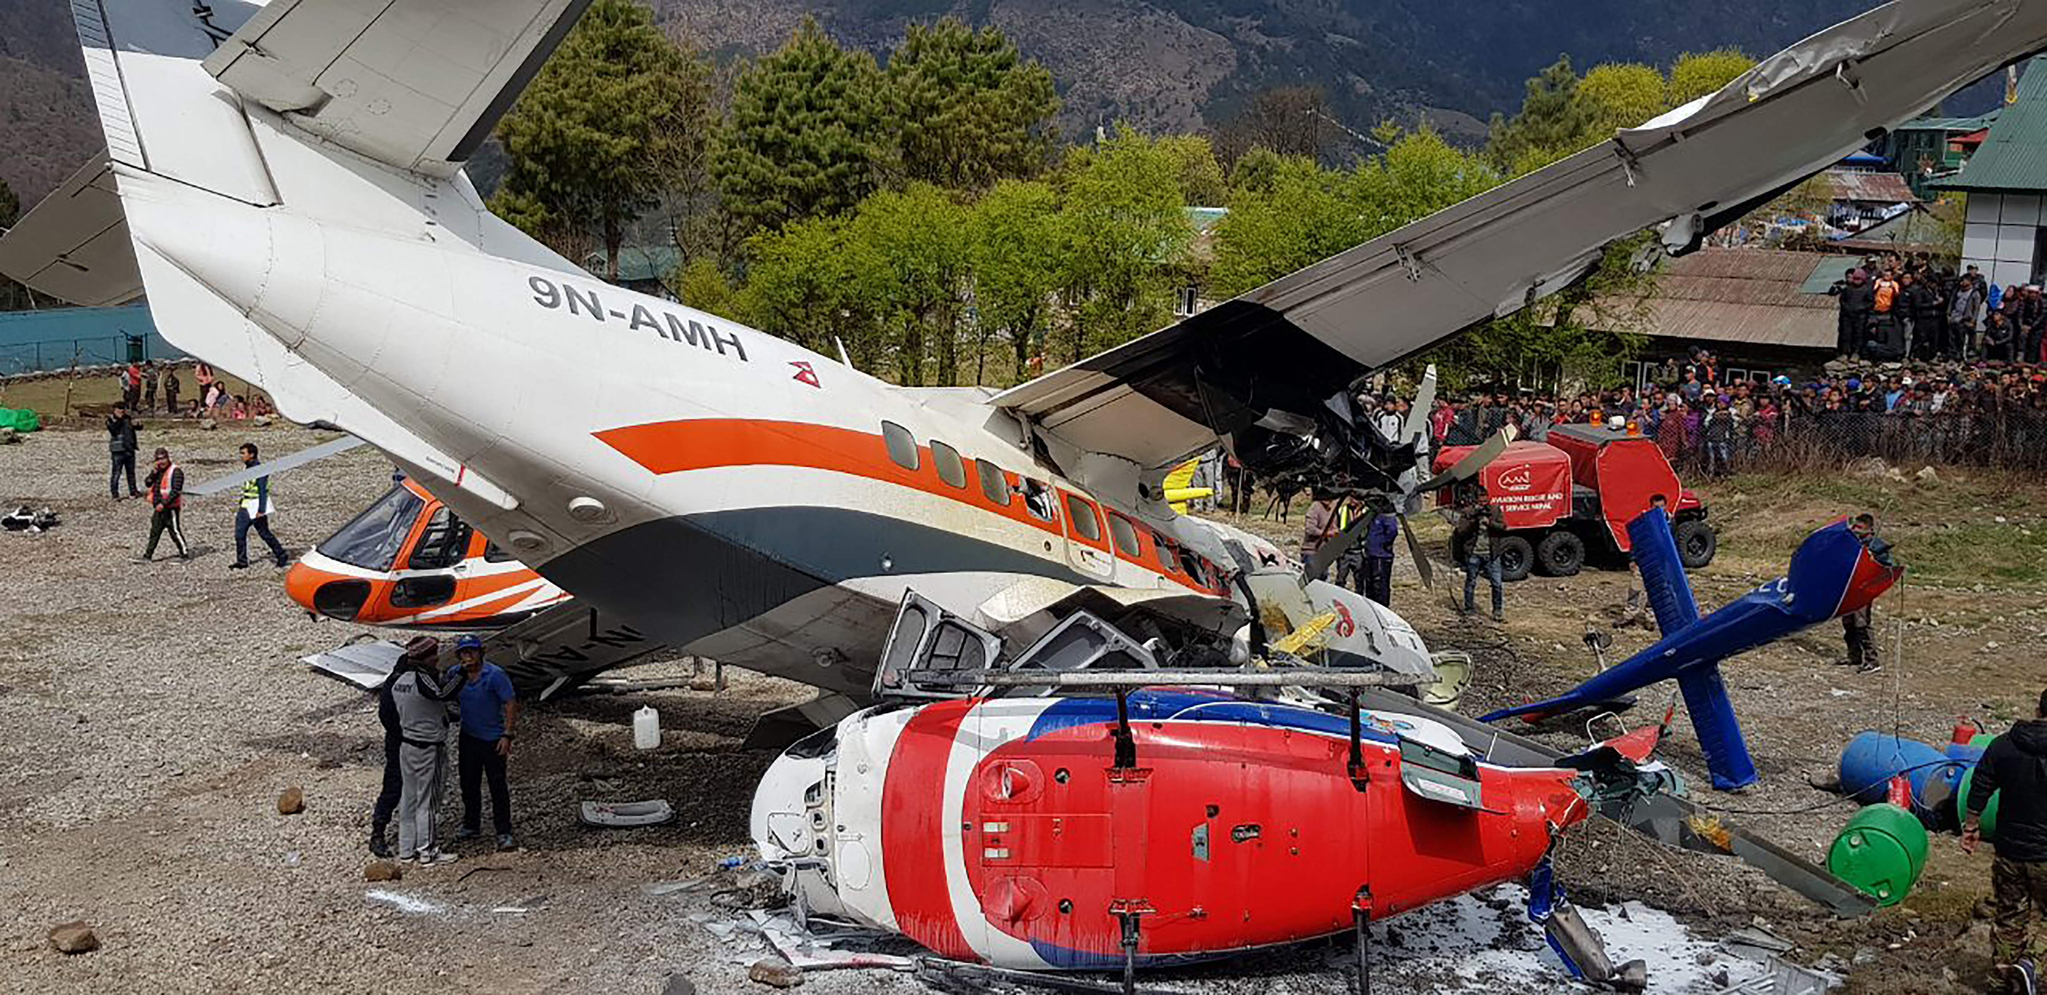 14일(현지시간) 네팔 에베레스트산 관문 루클라의 텐징-힐러리 공항에서 서미트항공 소속 소형비행기가 이륙 도중 주기된 헬리콥터와 충돌했다. [AFP=연합뉴스]